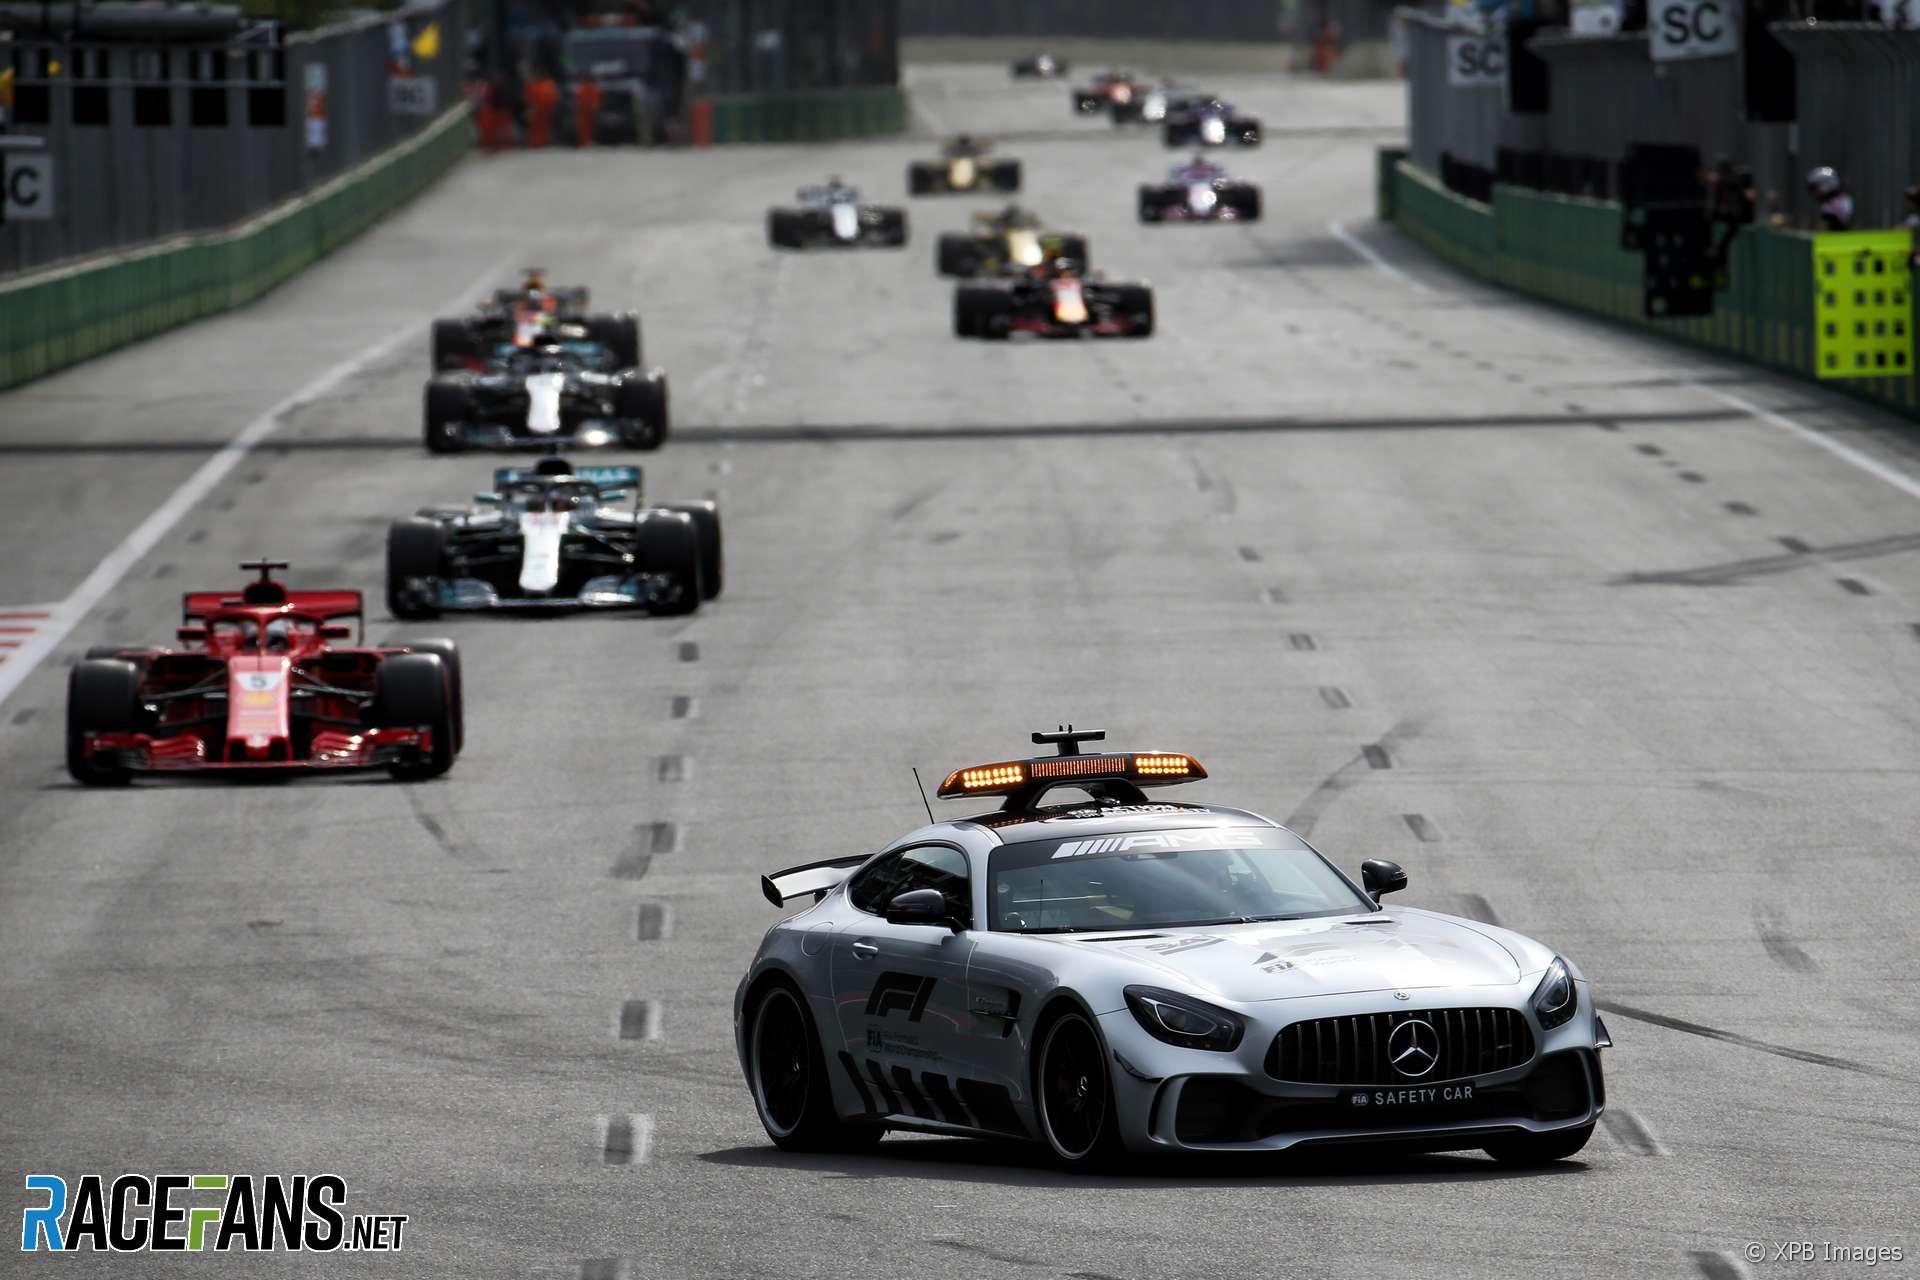 Safety Car, Baku City Circuit, 2018